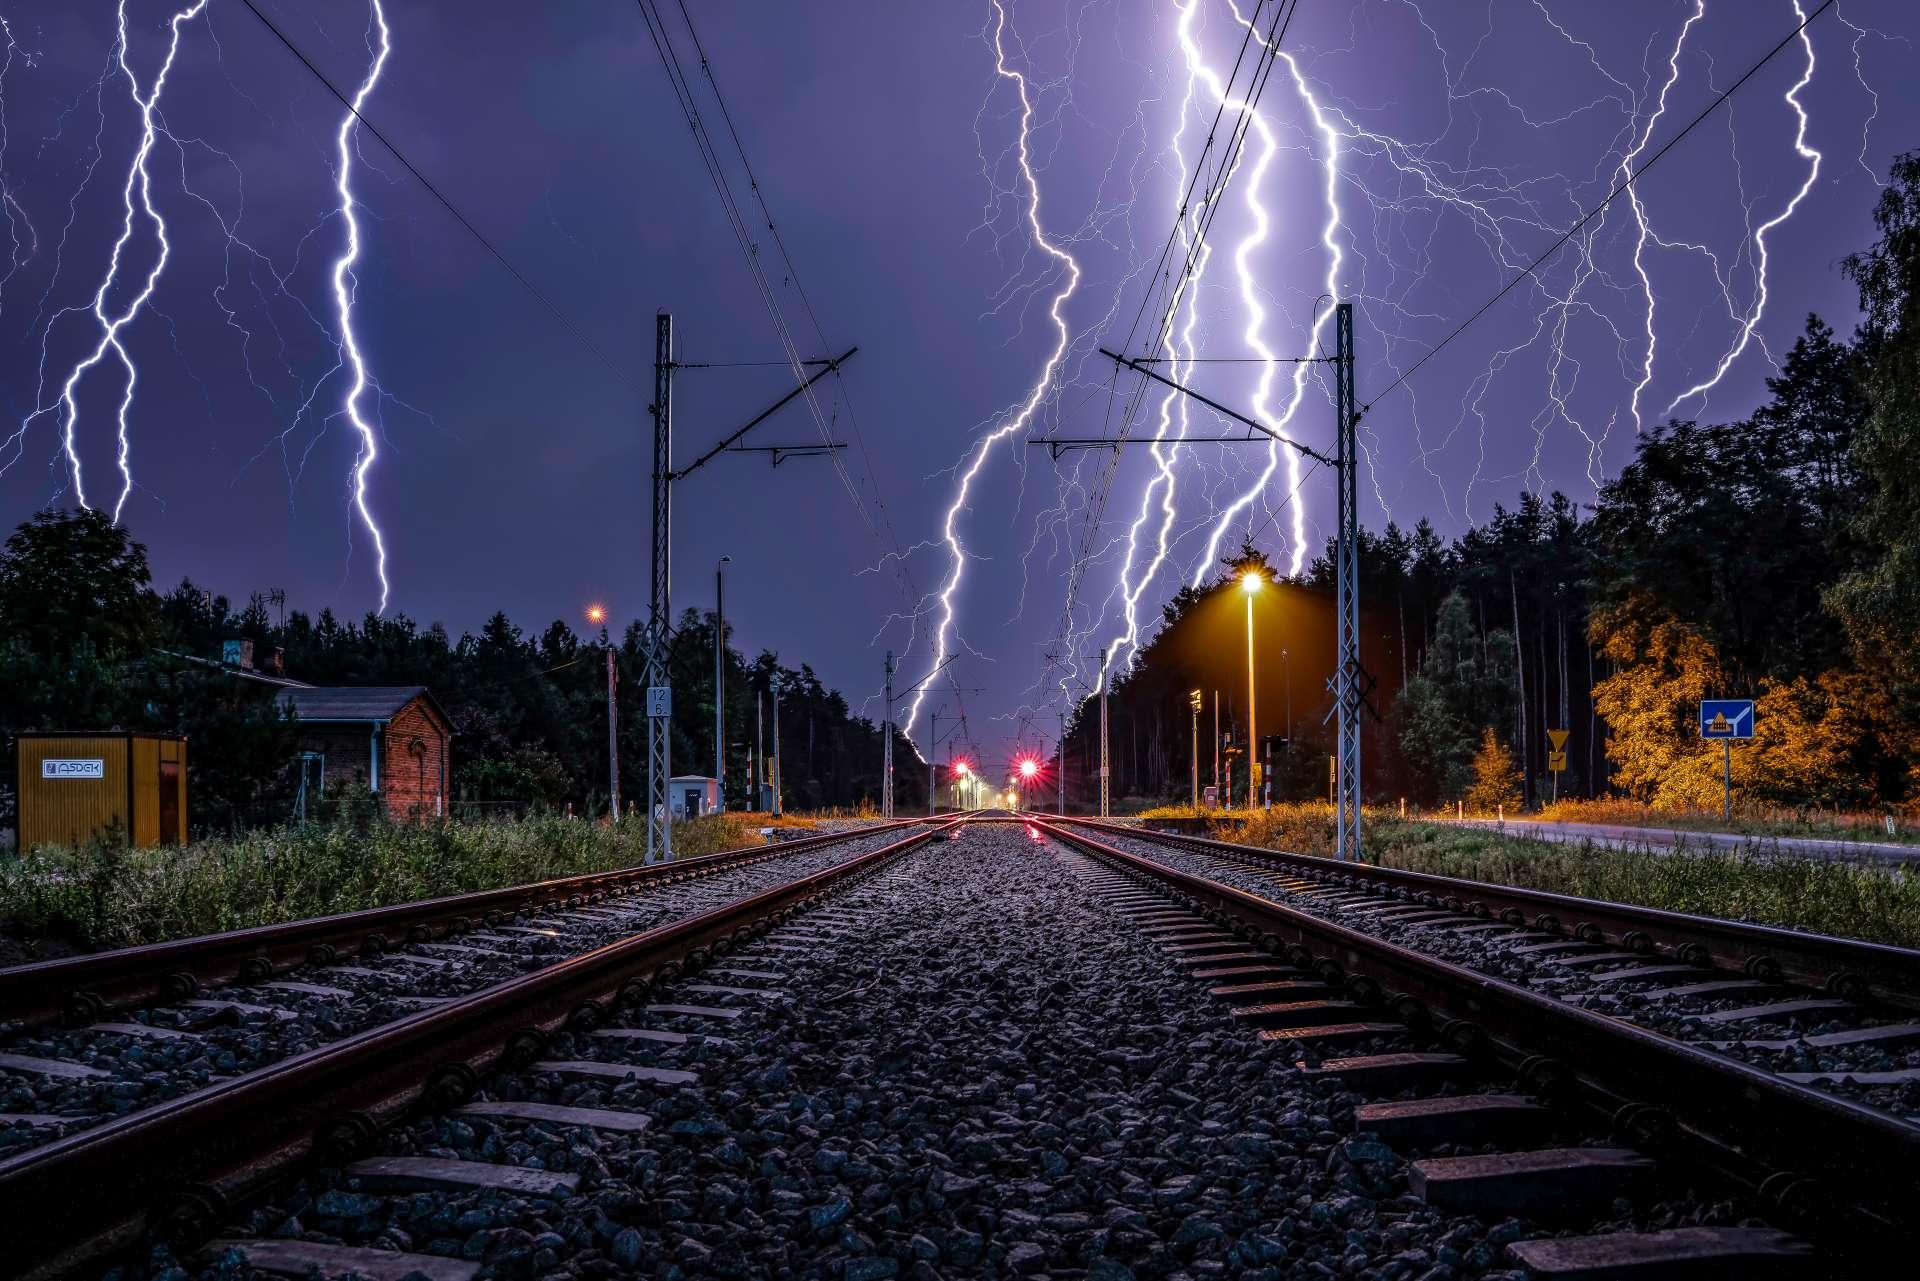 tory kolejowe - burza